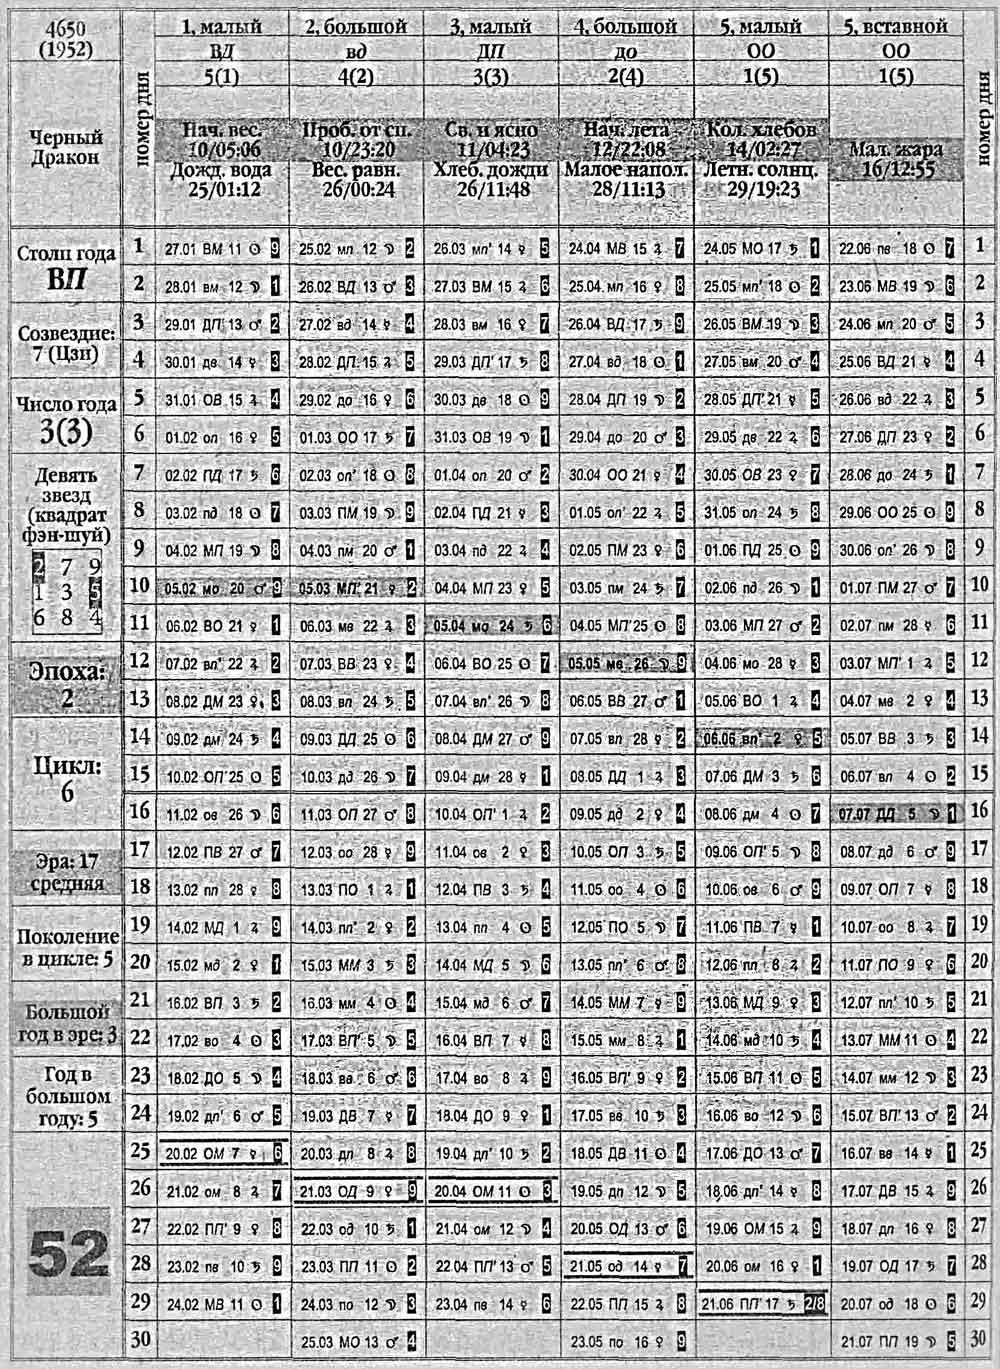 Китайский календарь 1952 года